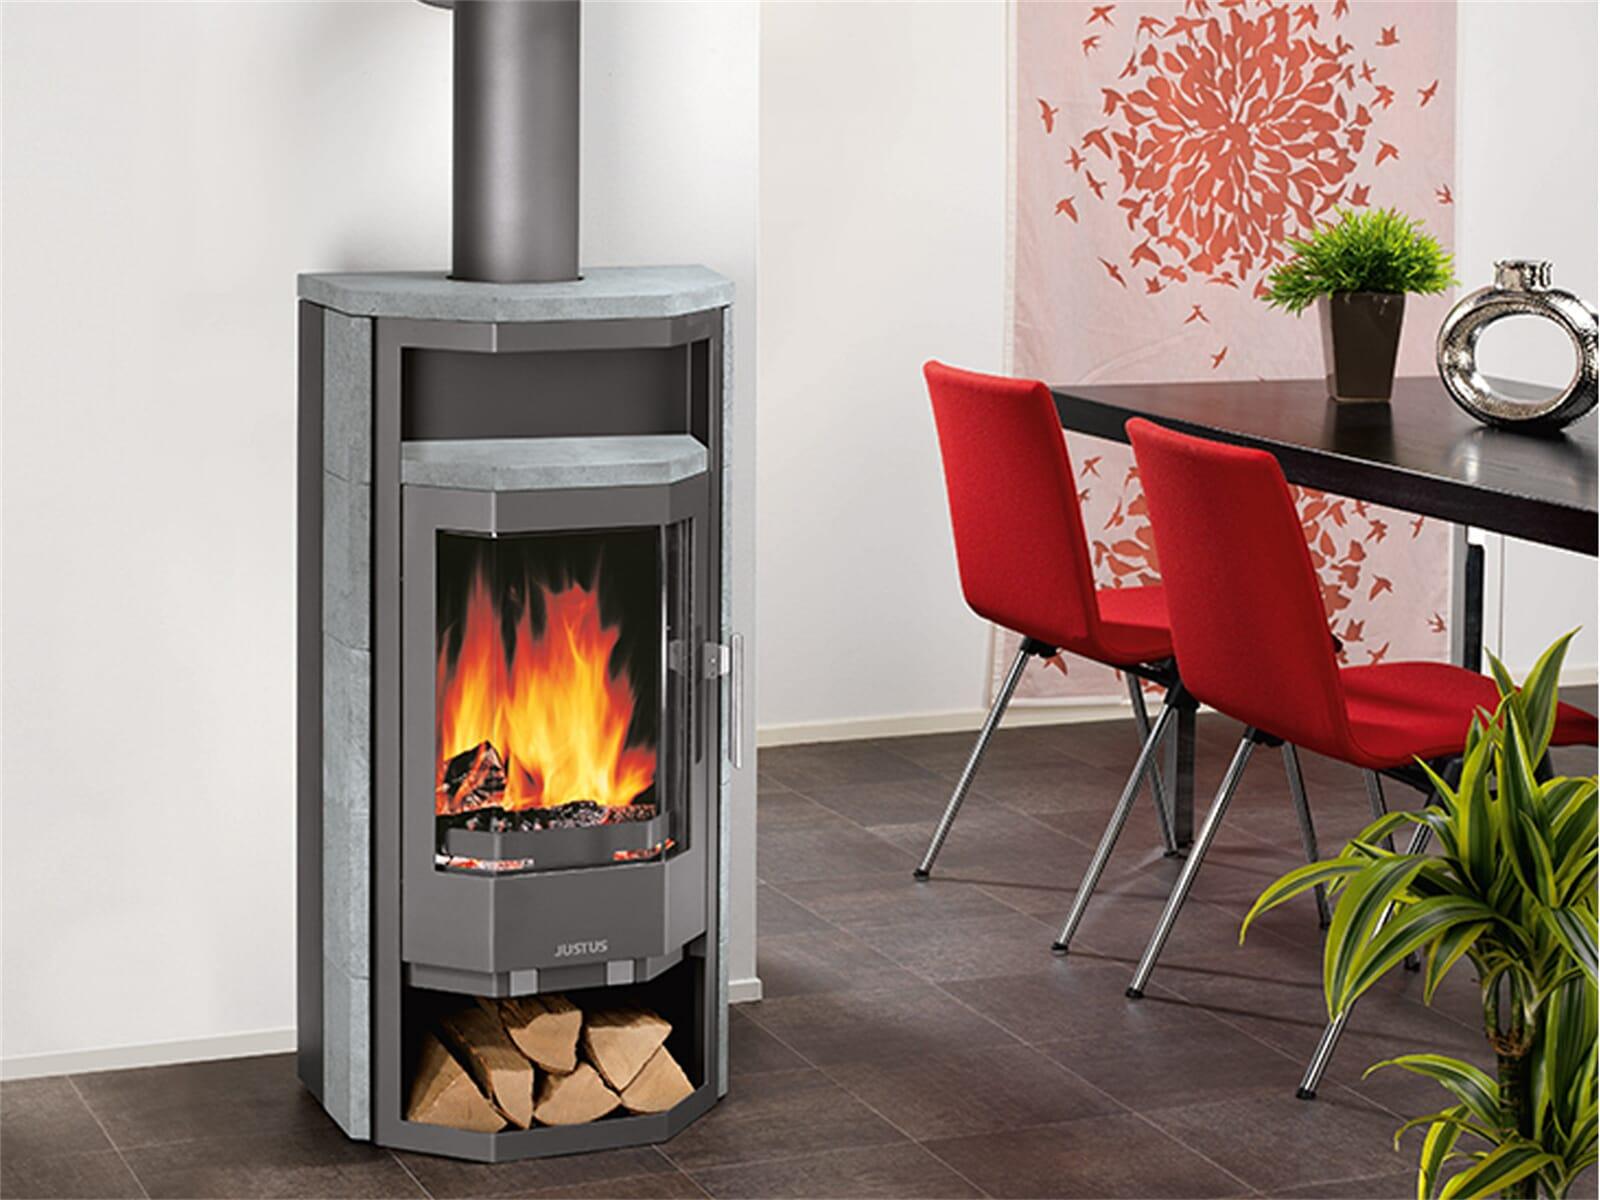 kaminofen justus borkum speckstein 6 0 kw 4682 22 ebay. Black Bedroom Furniture Sets. Home Design Ideas